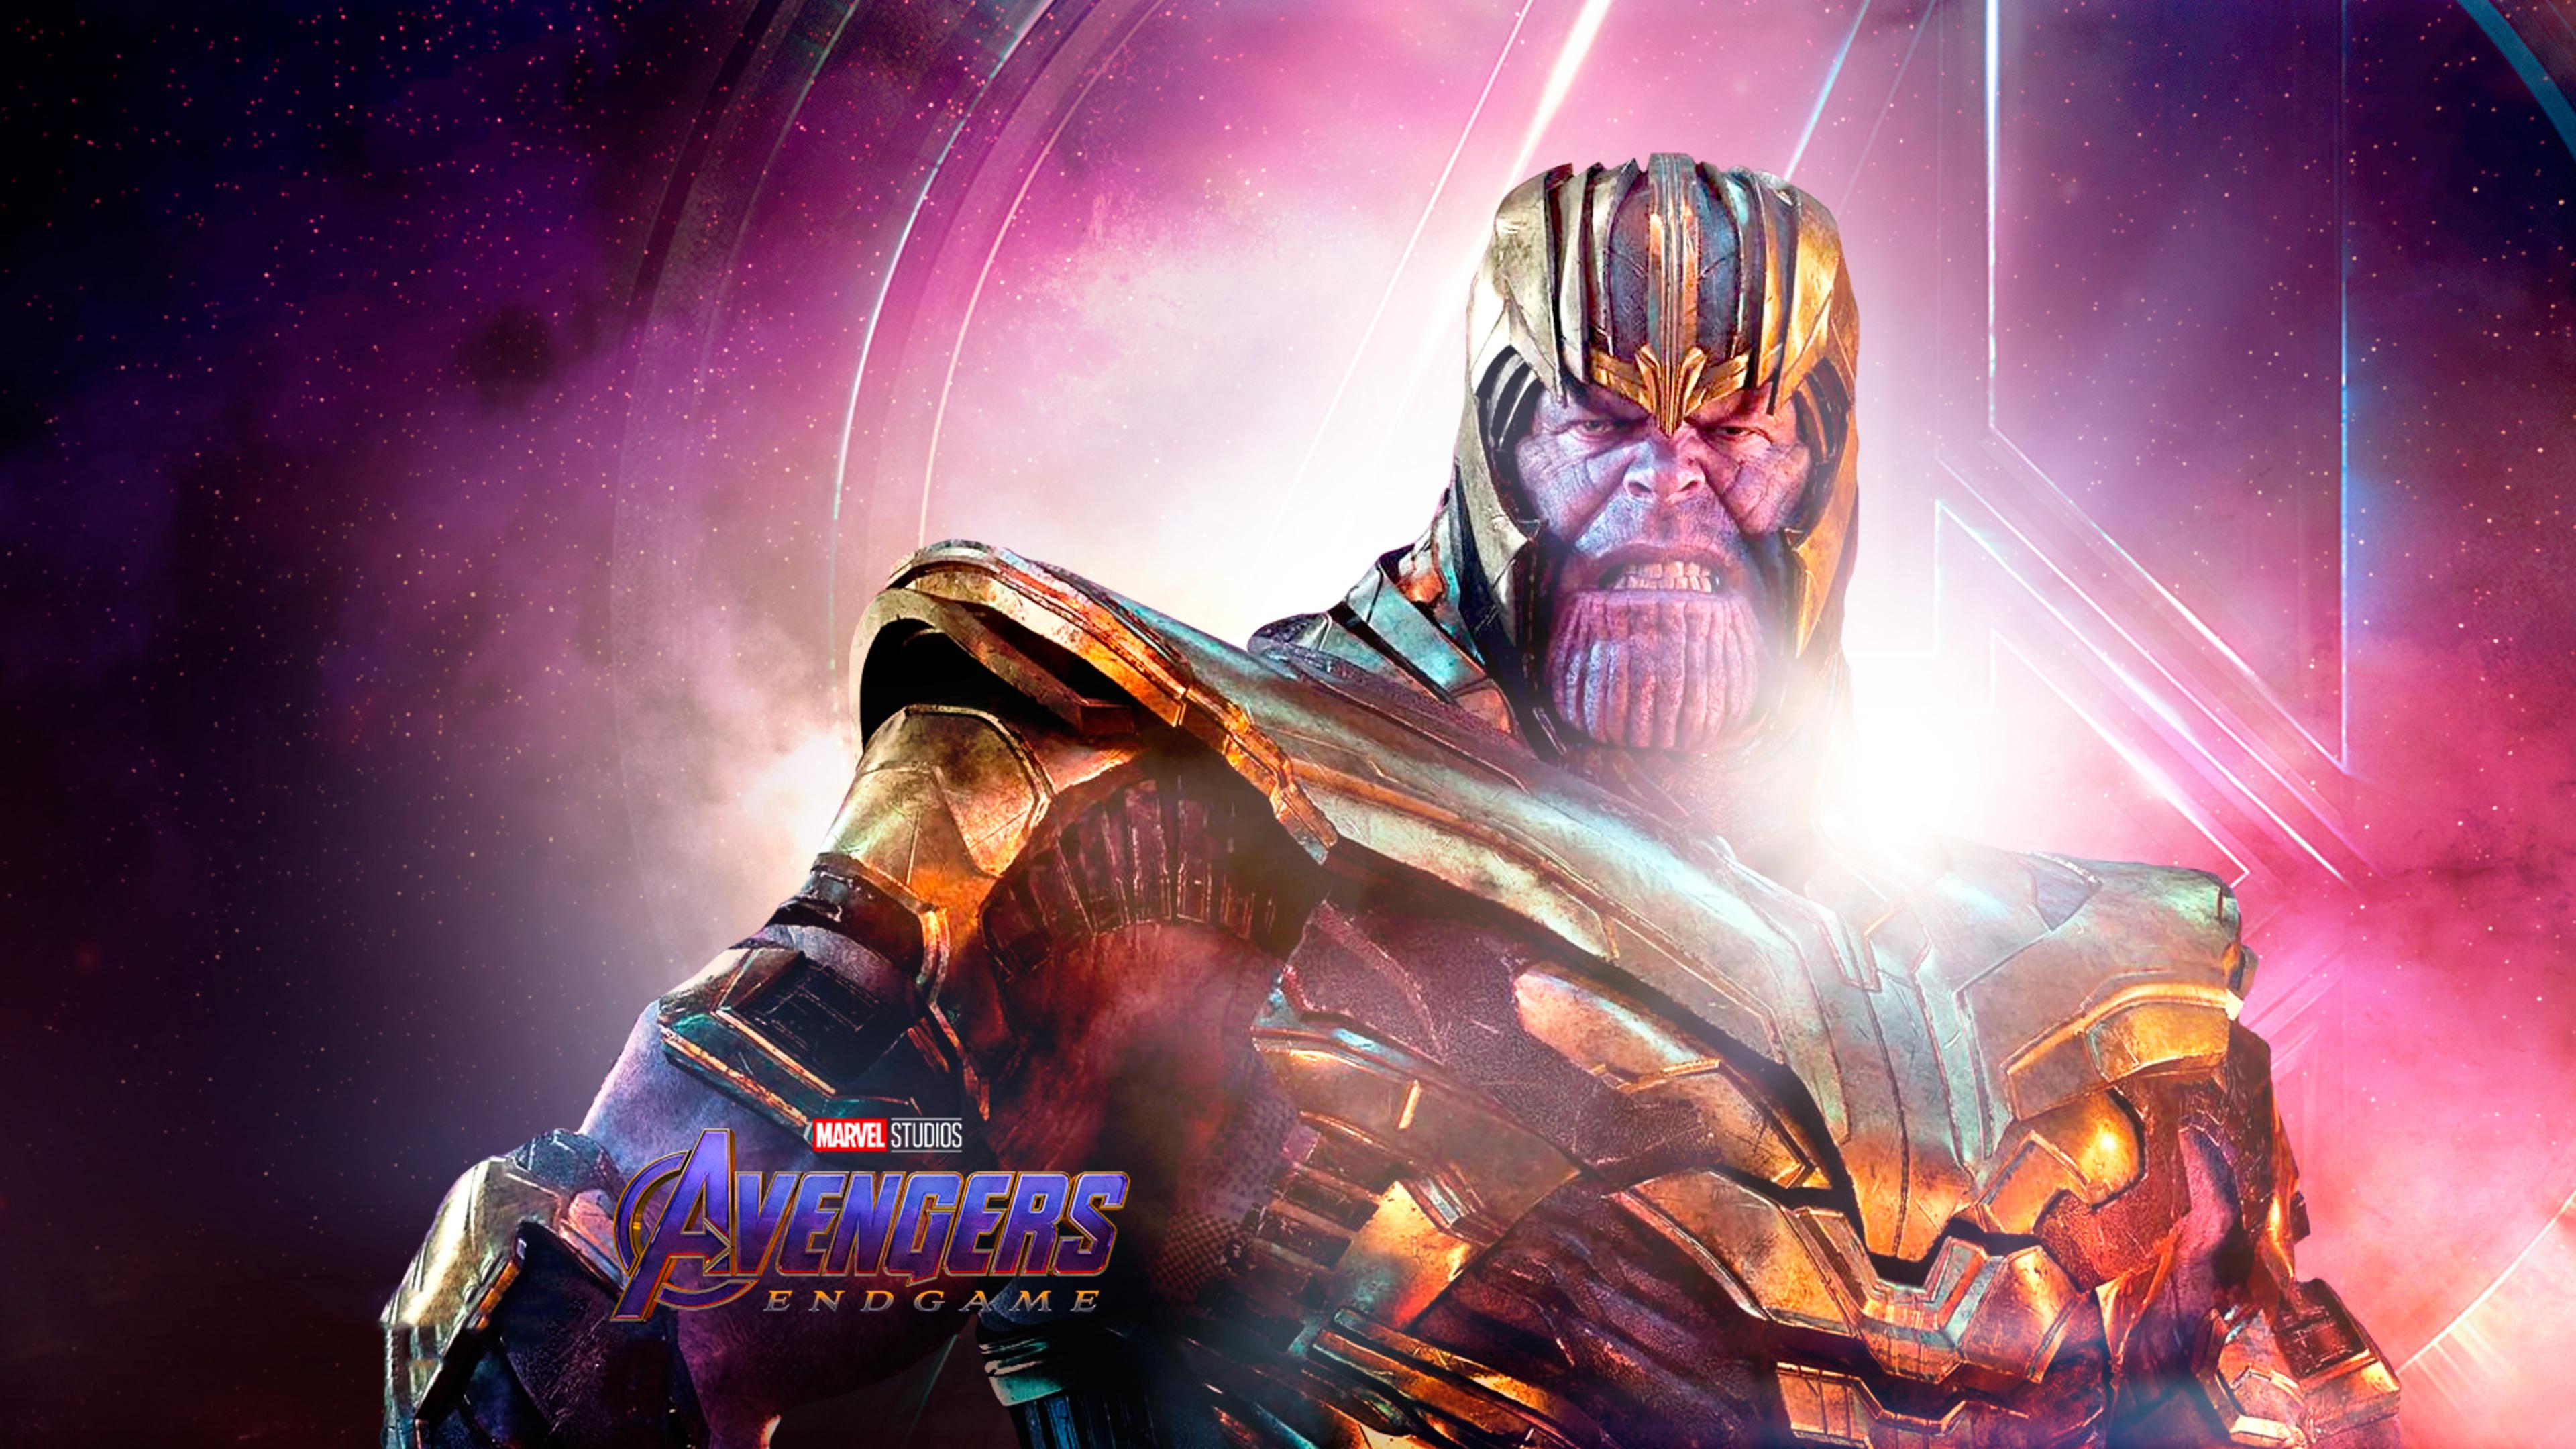 3840x2160 2019 Thanos Avengers Endgame 4k HD 4k Wallpapers ...